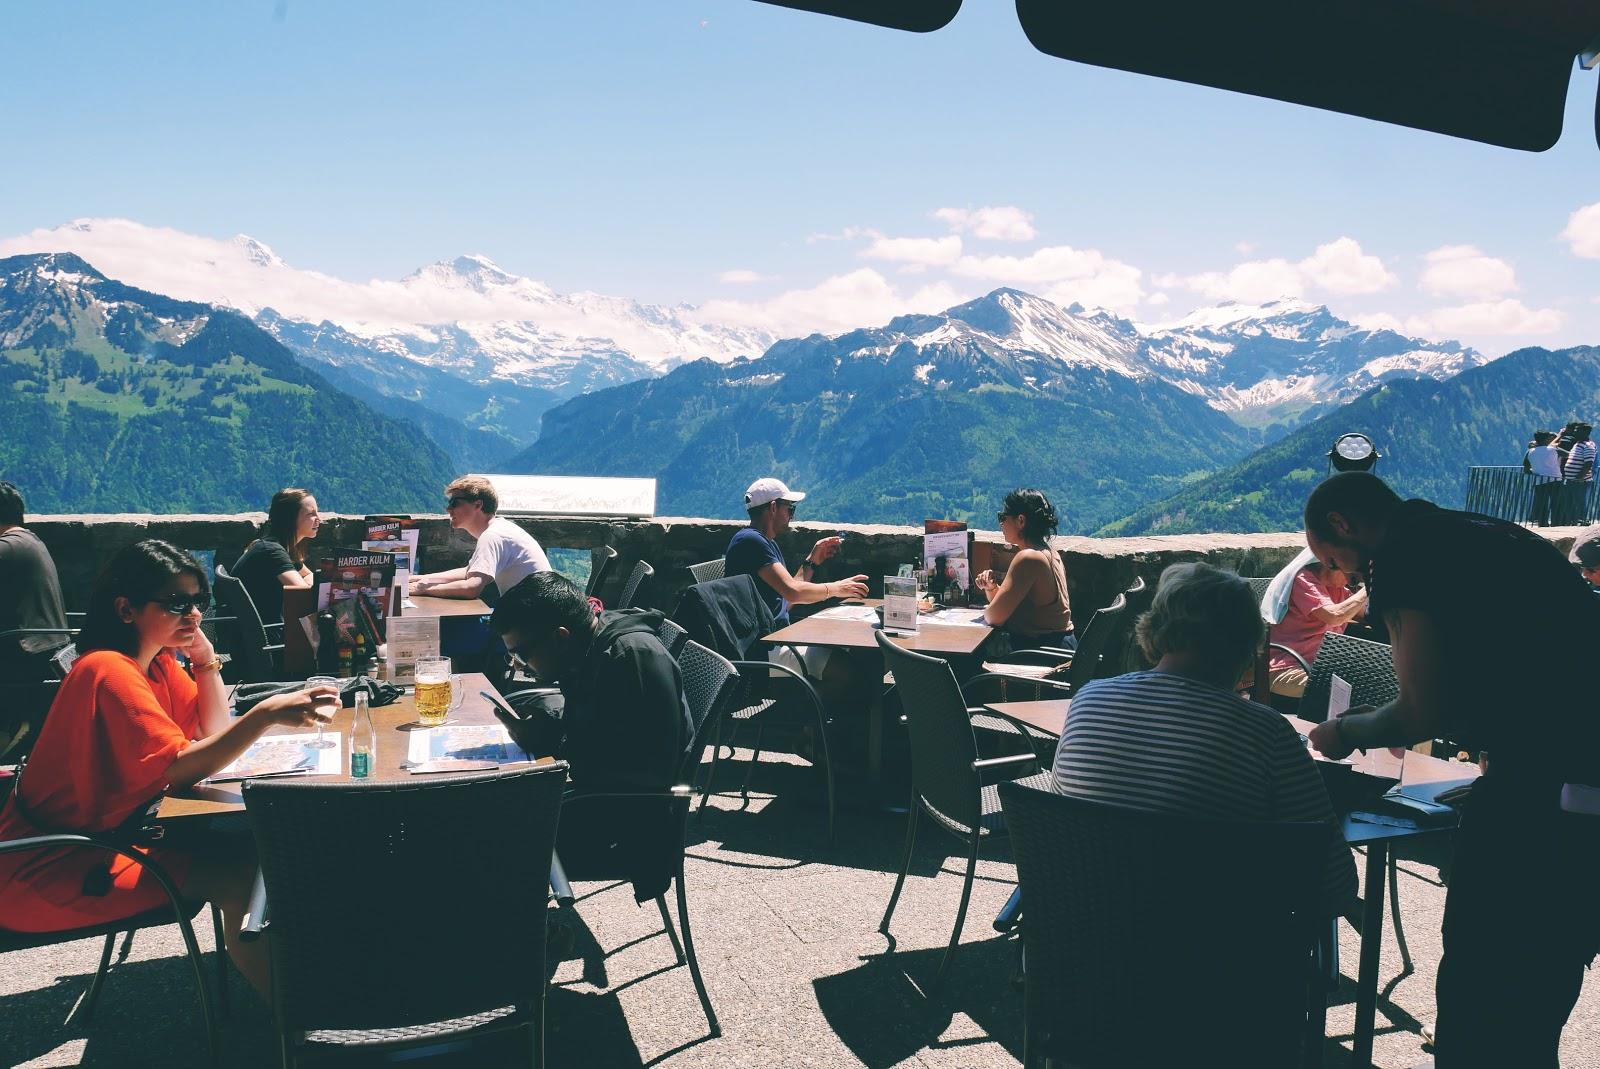 Makan siang di Panorama Restaurant, Harder Kulm, sambil melihat The Mighty Trio